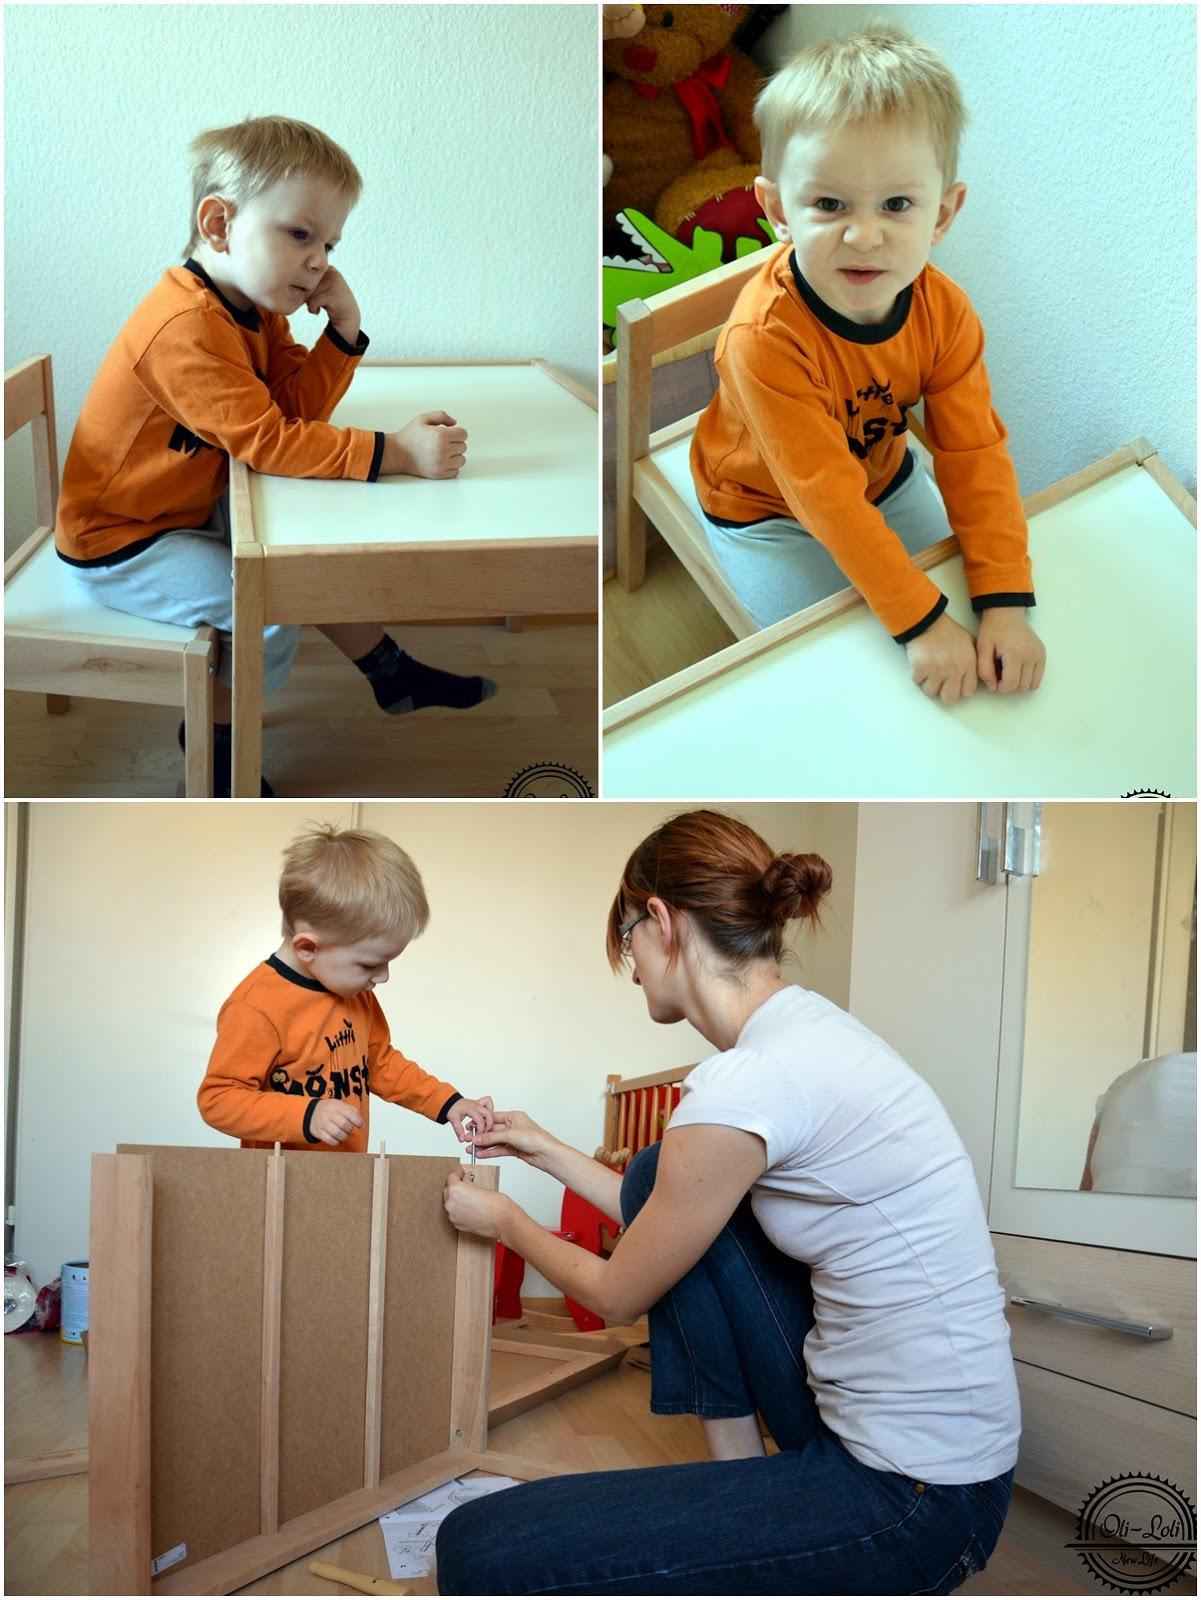 Pozwalam aby dziecko mi pomagało